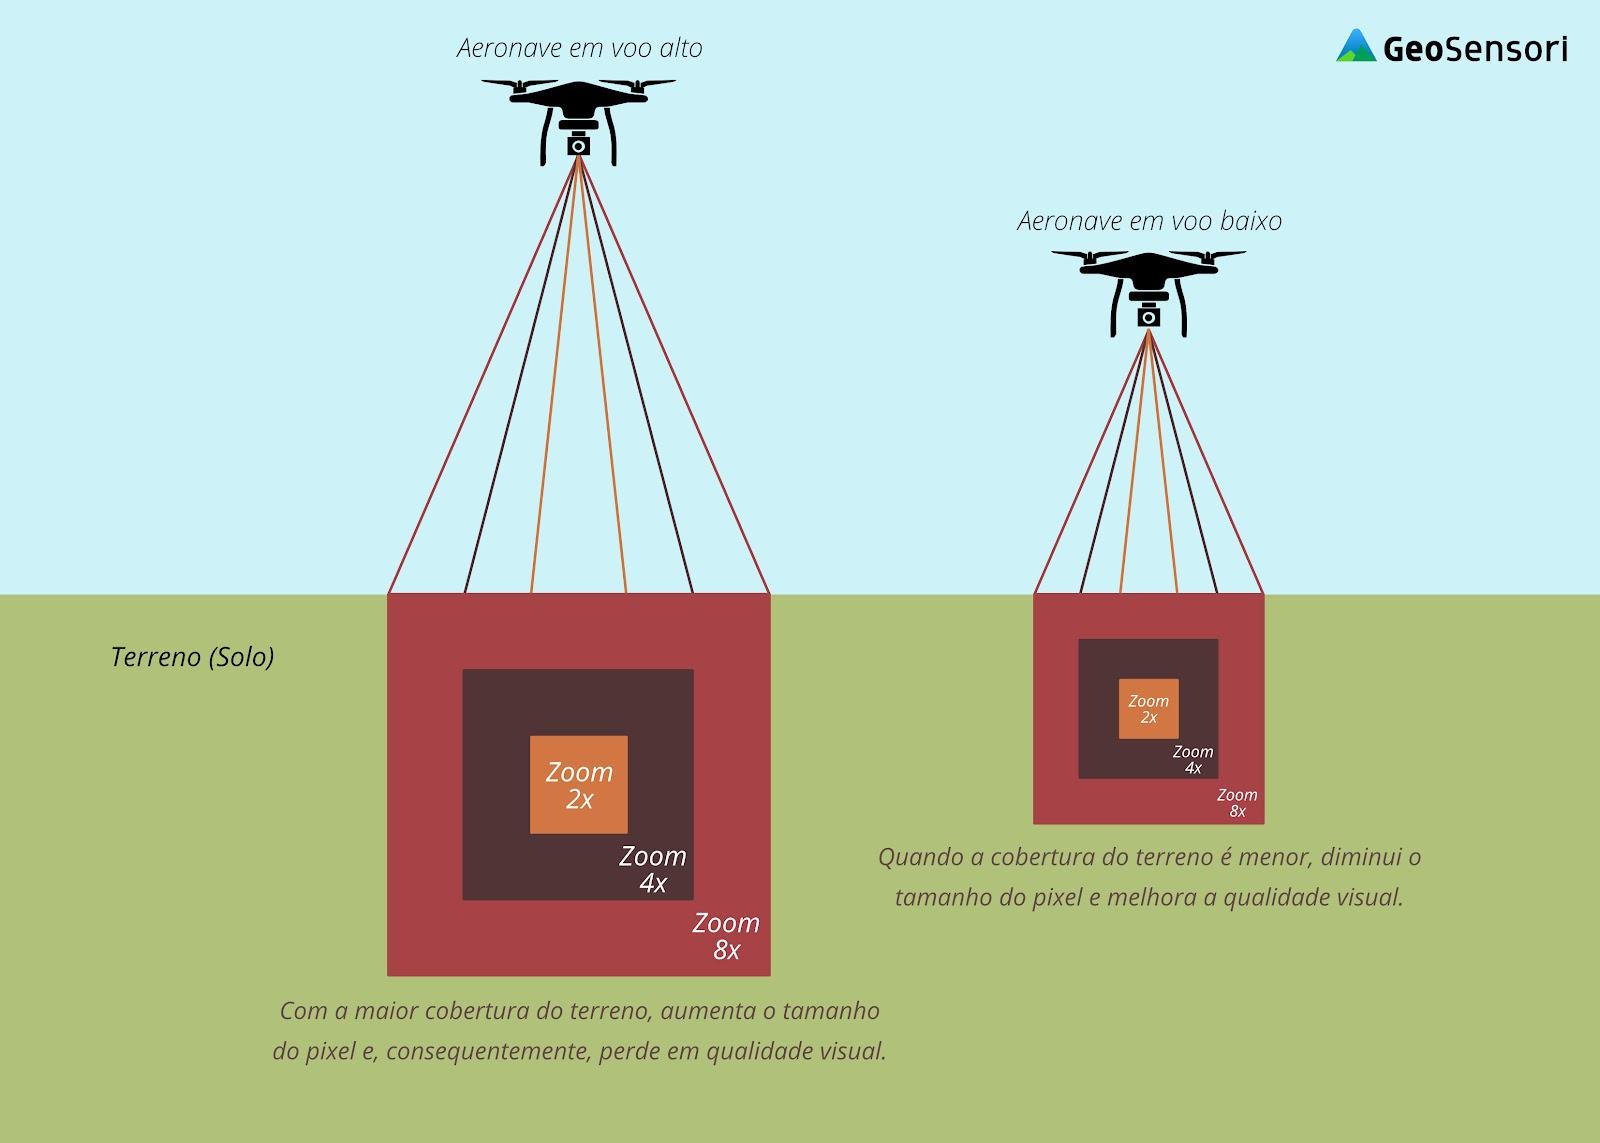 Representação da cobertura da câmera de uma aeronave ao fotografar um terreno sob diferentes altitudes de voo, gerando diferente GSD em cada uma delas. Fotogrametria.